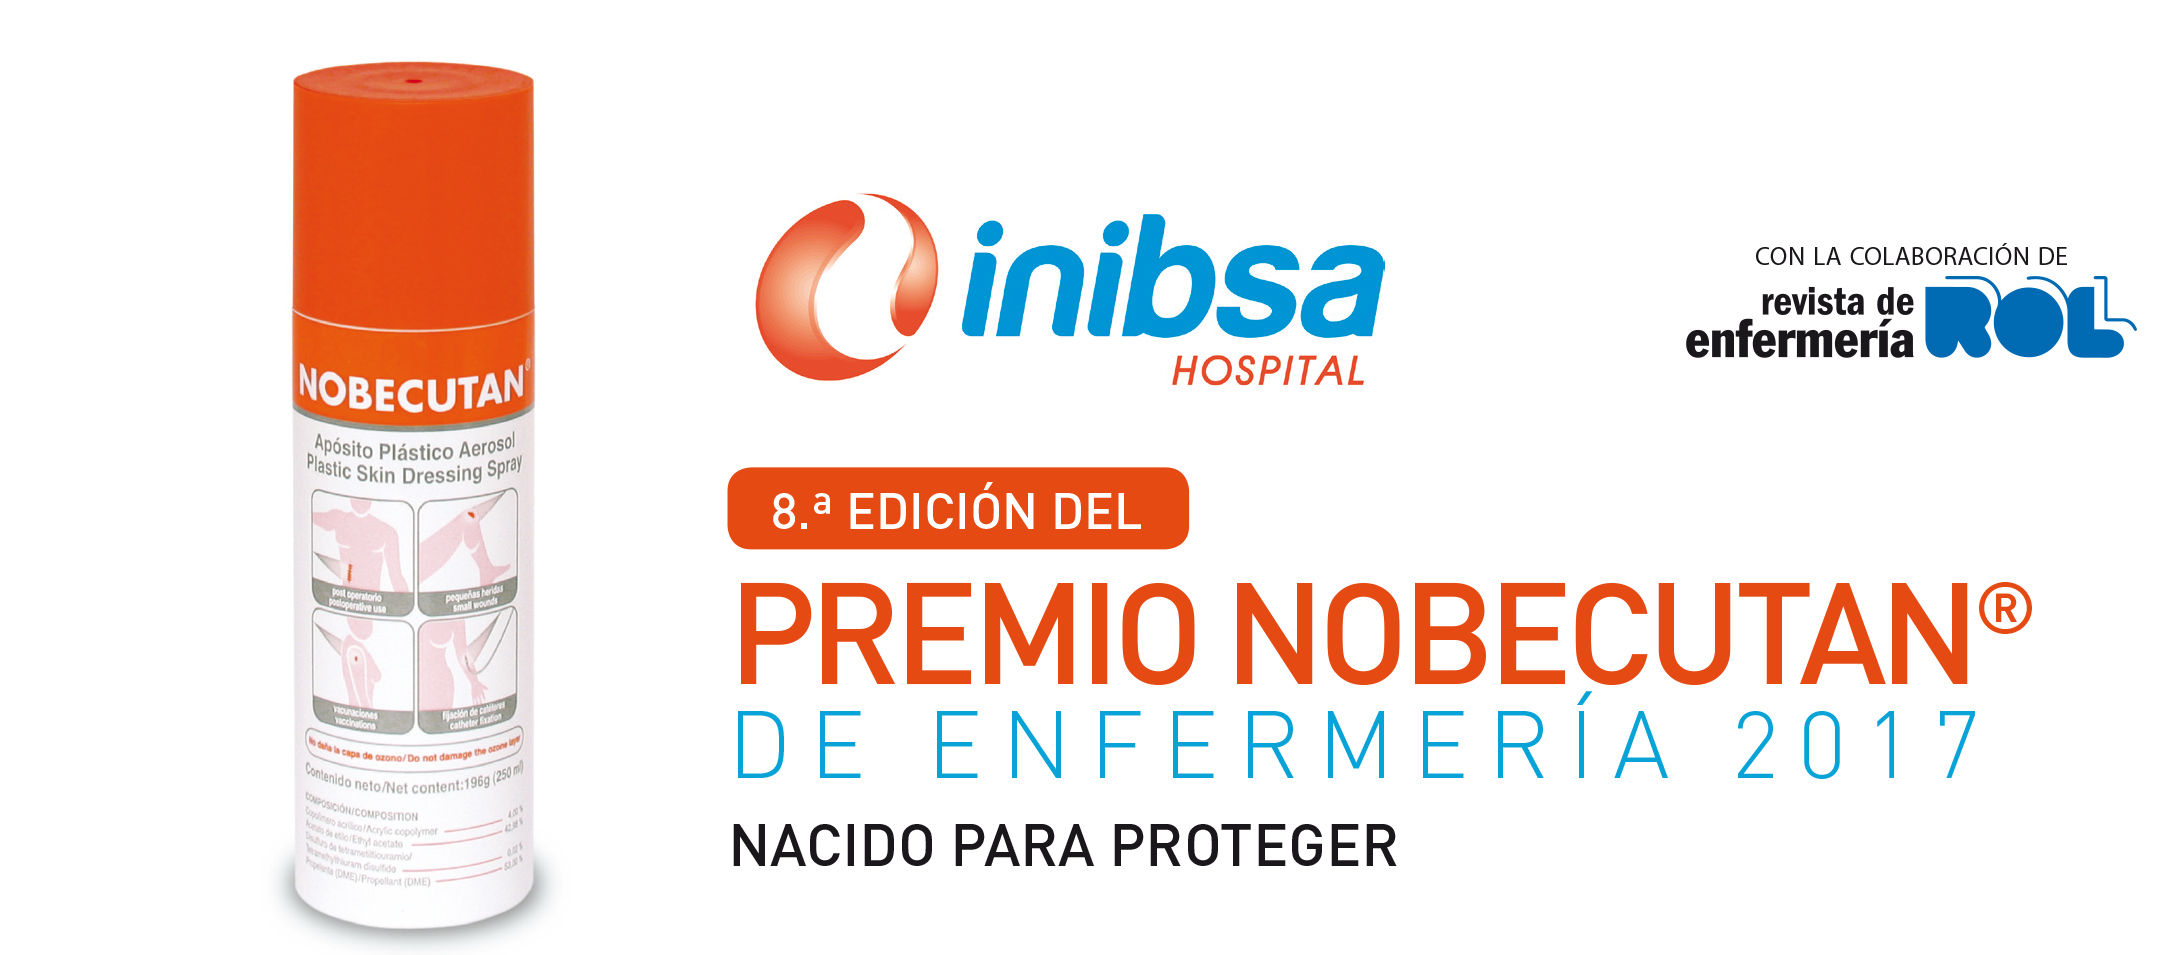 Nueva convocatoria del Premio Nobecutan® de Enfermería de 2017